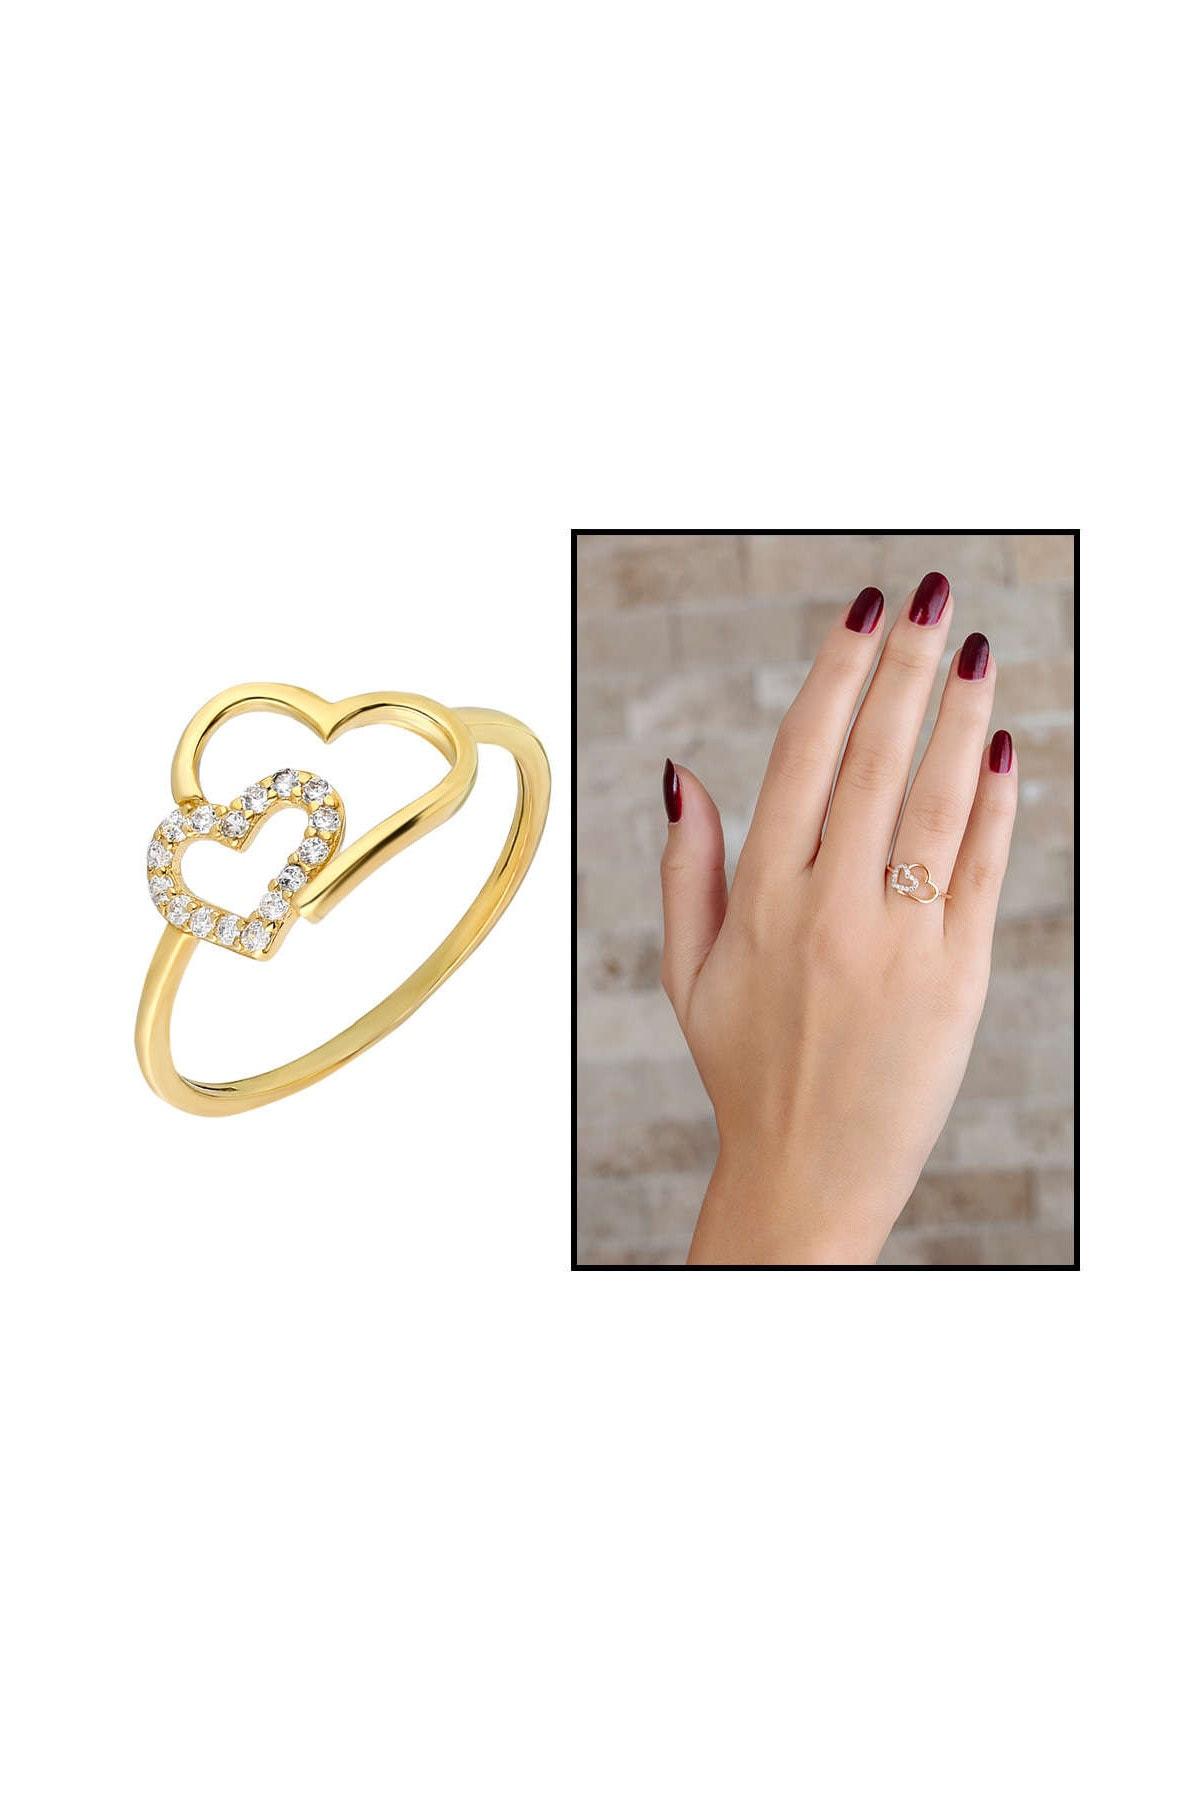 Tesbihane Zirkon Taşlı Asimetrik Kalp Tasarım Gold Renk 925 Ayar Gümüş Bayan Yüzük 102001710 1